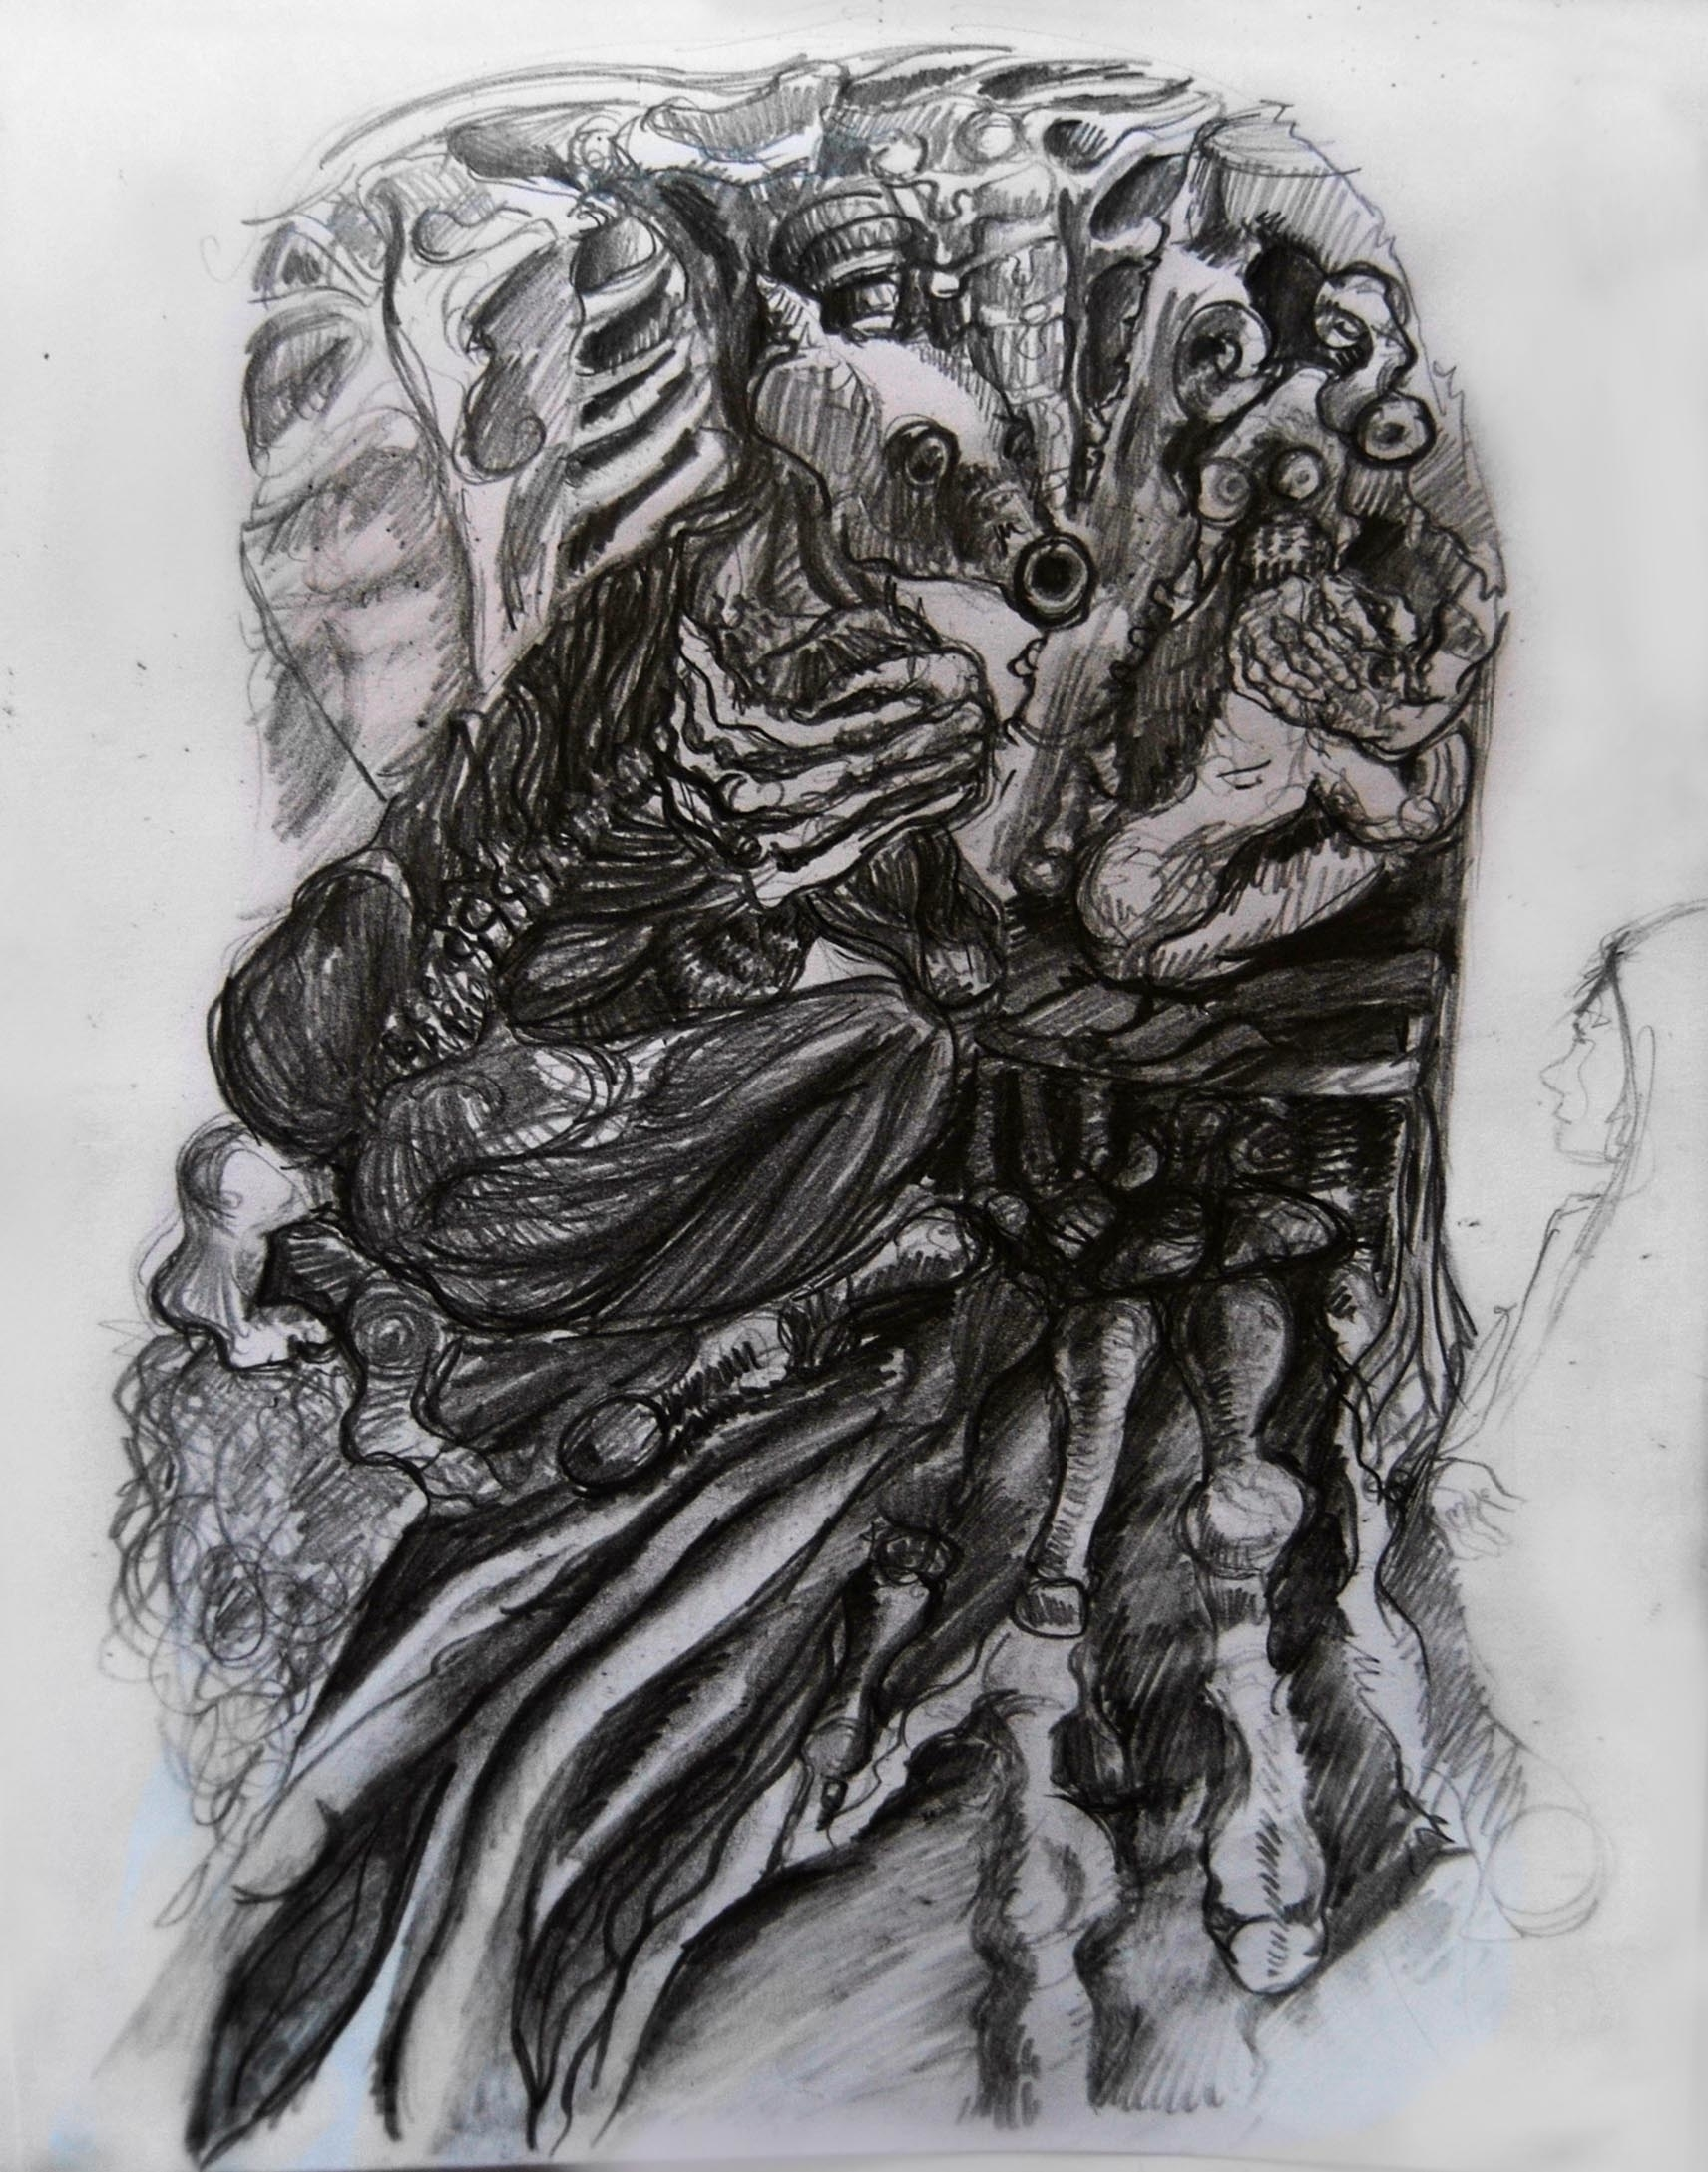 weird world horror 2 - illustration - wickedbastet1982   ello